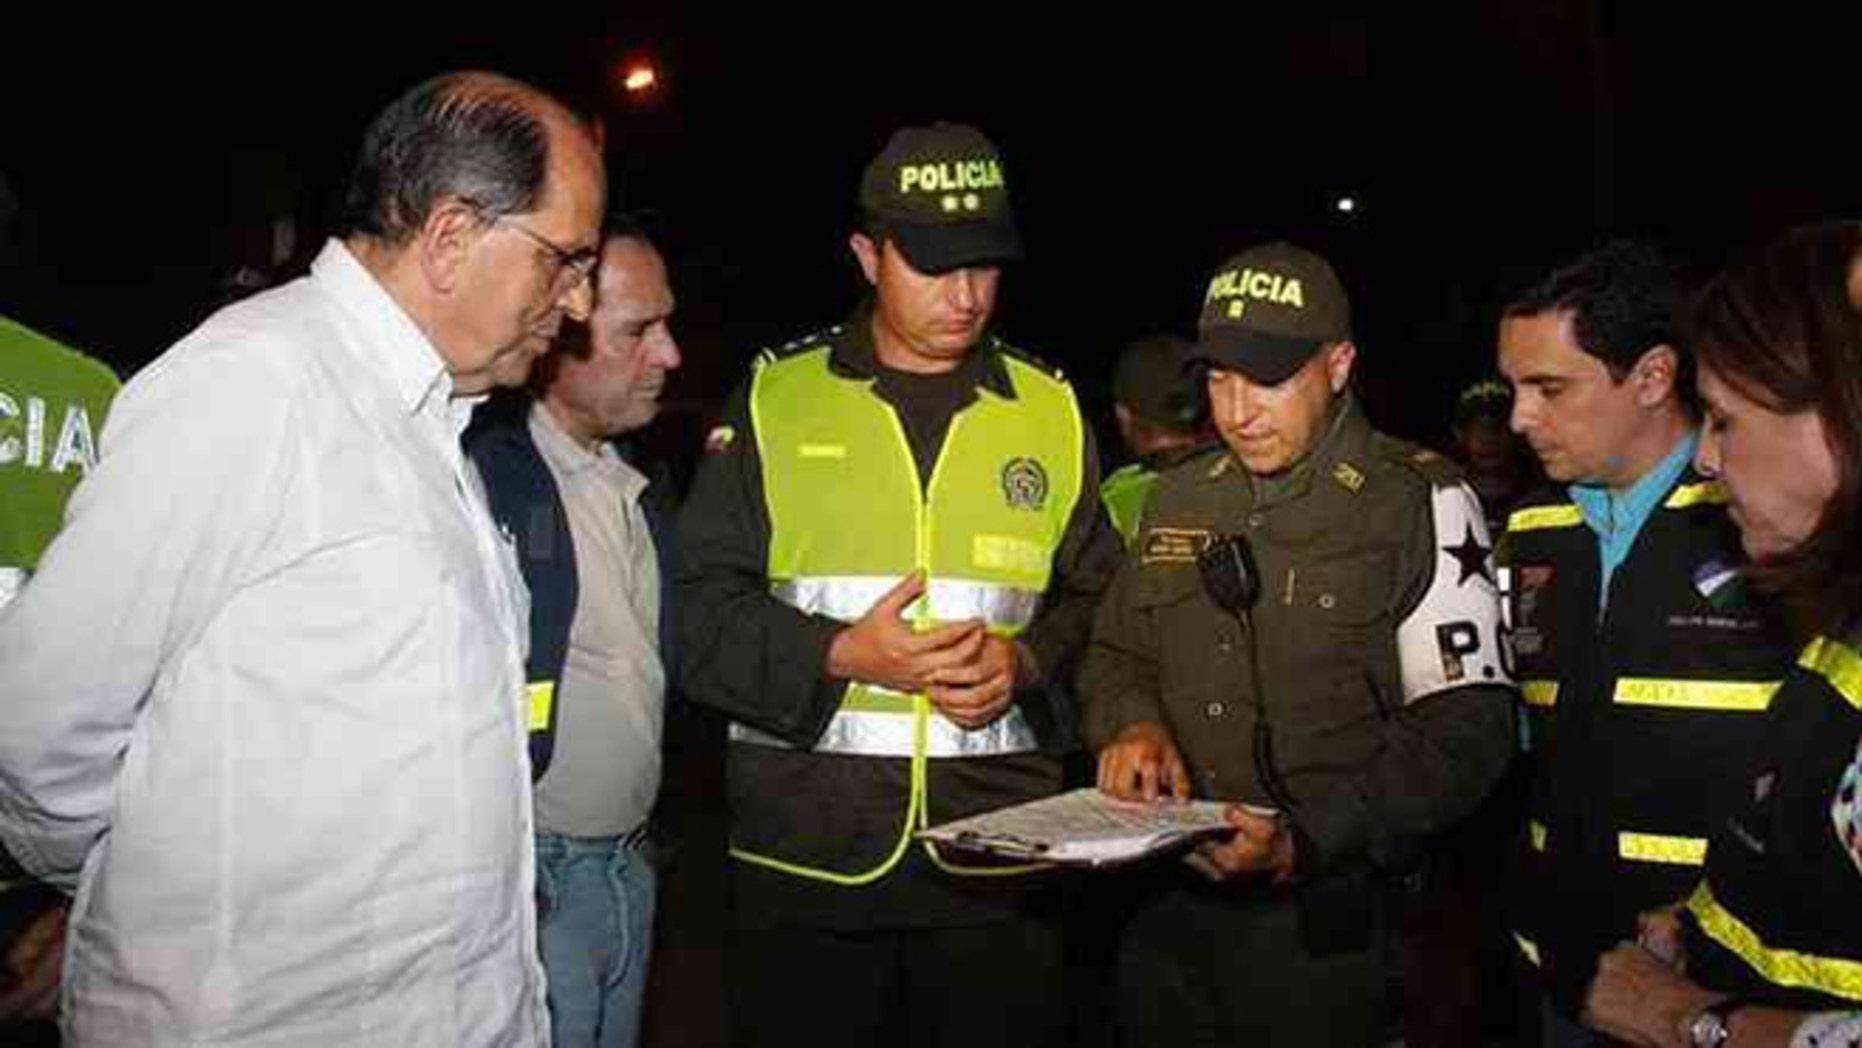 Cali Mayor Rodrigo Guerrero meets with police.